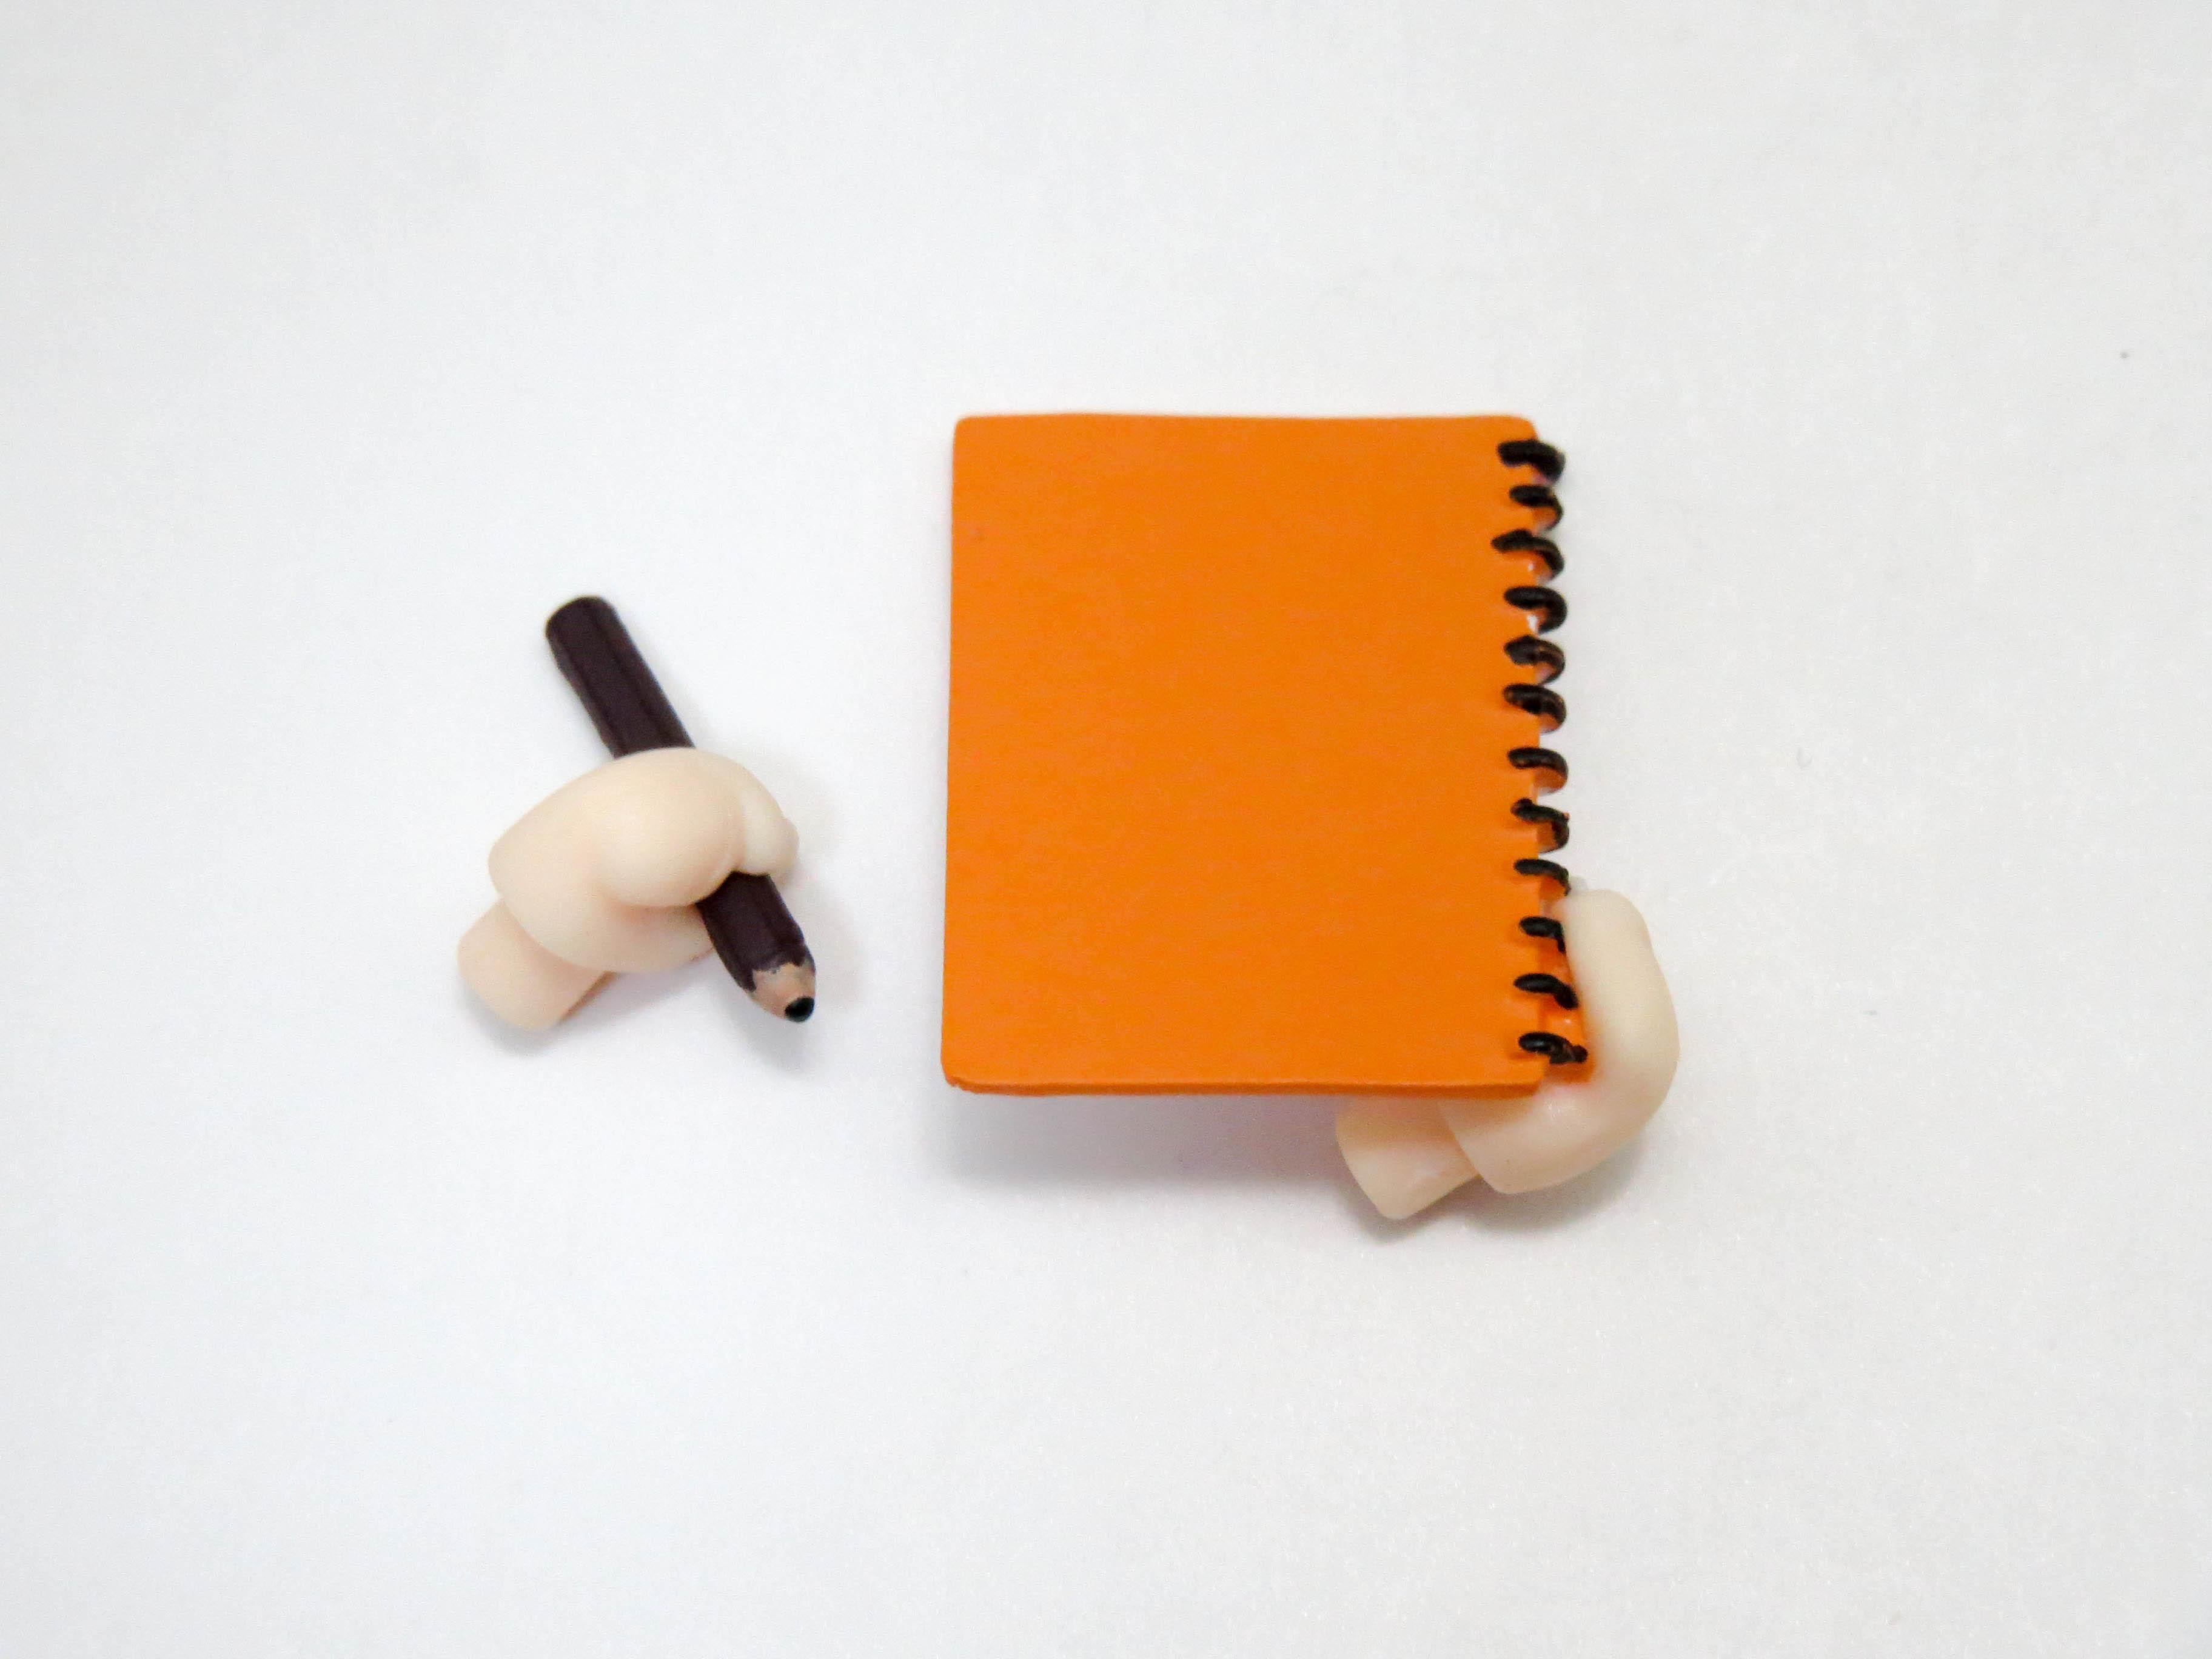 再入荷【297】 ゆの 小物パーツ 鉛筆とスケッチブック ねんどろいど